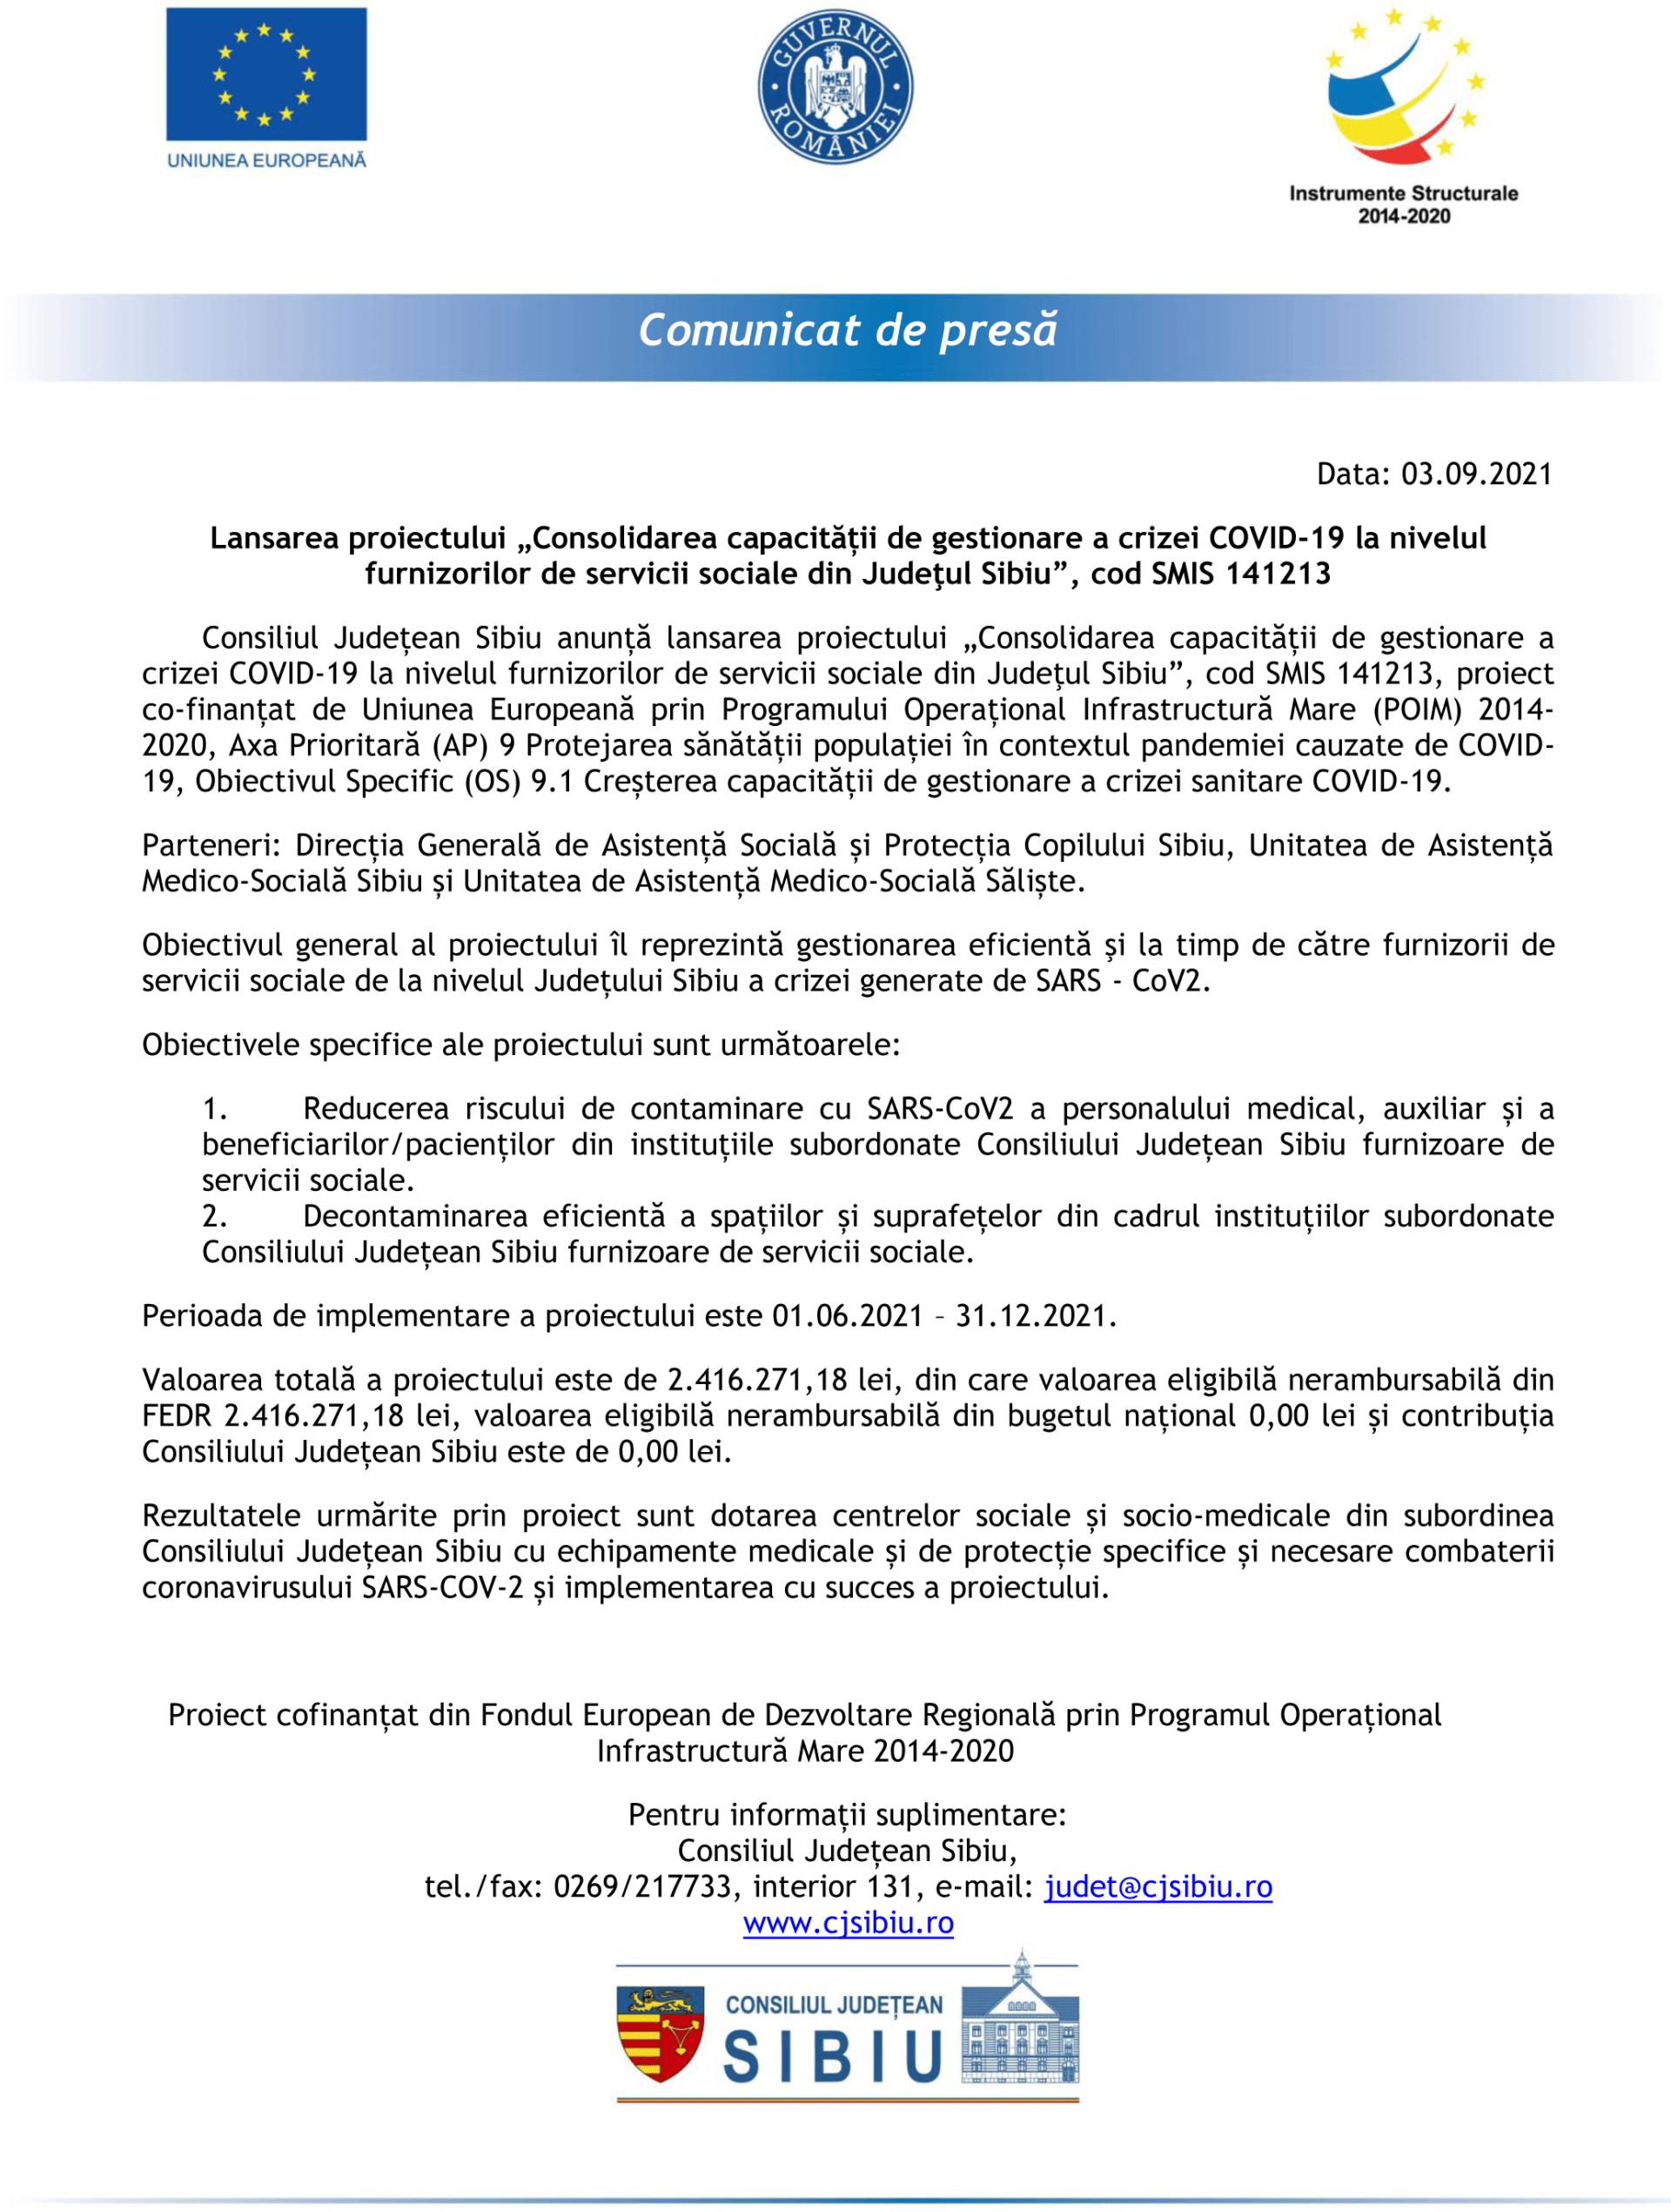 Comunicat_de_presa_20210903_sibiu